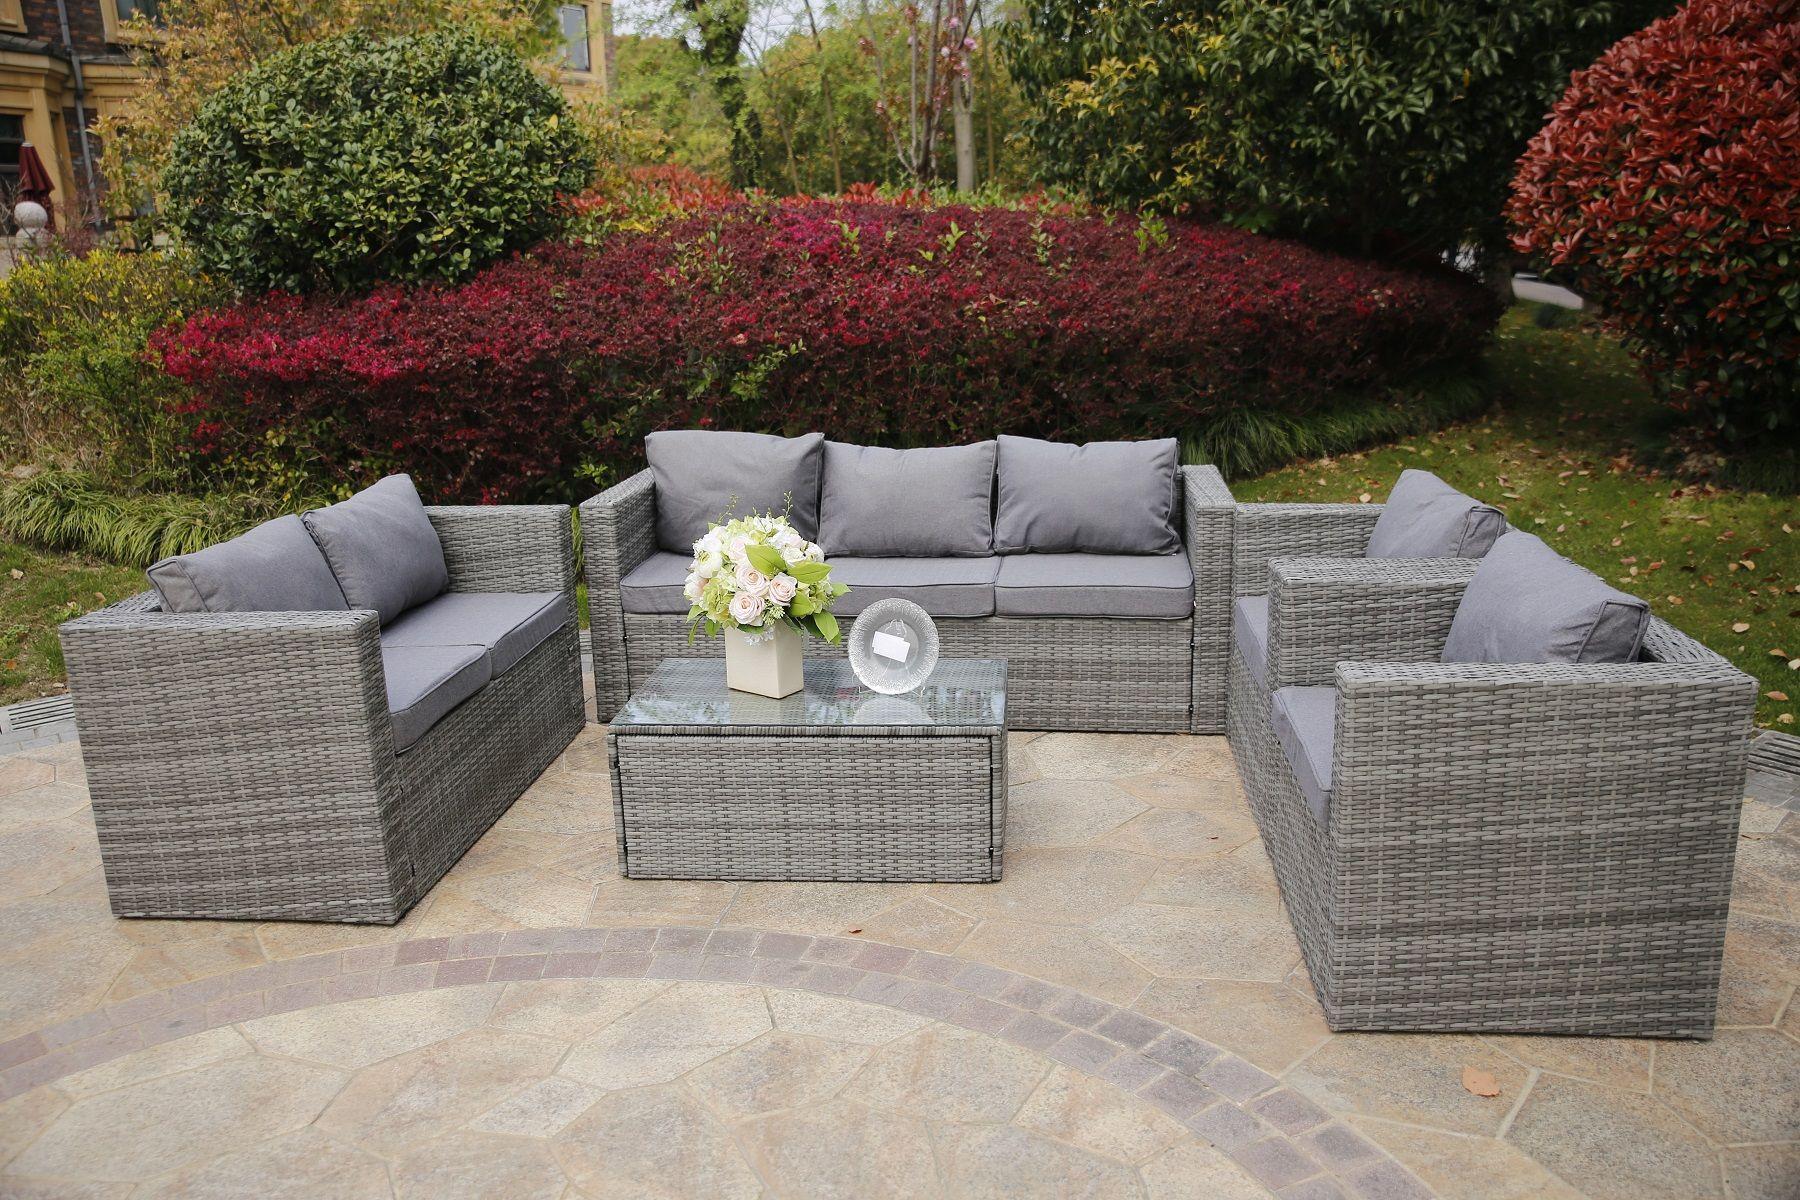 Vancouver 7 Seater Rattan Garden Sofa Set In Grey Garden Sofa Set Pallet Garden Furniture Garden Sofa [ 1200 x 1800 Pixel ]